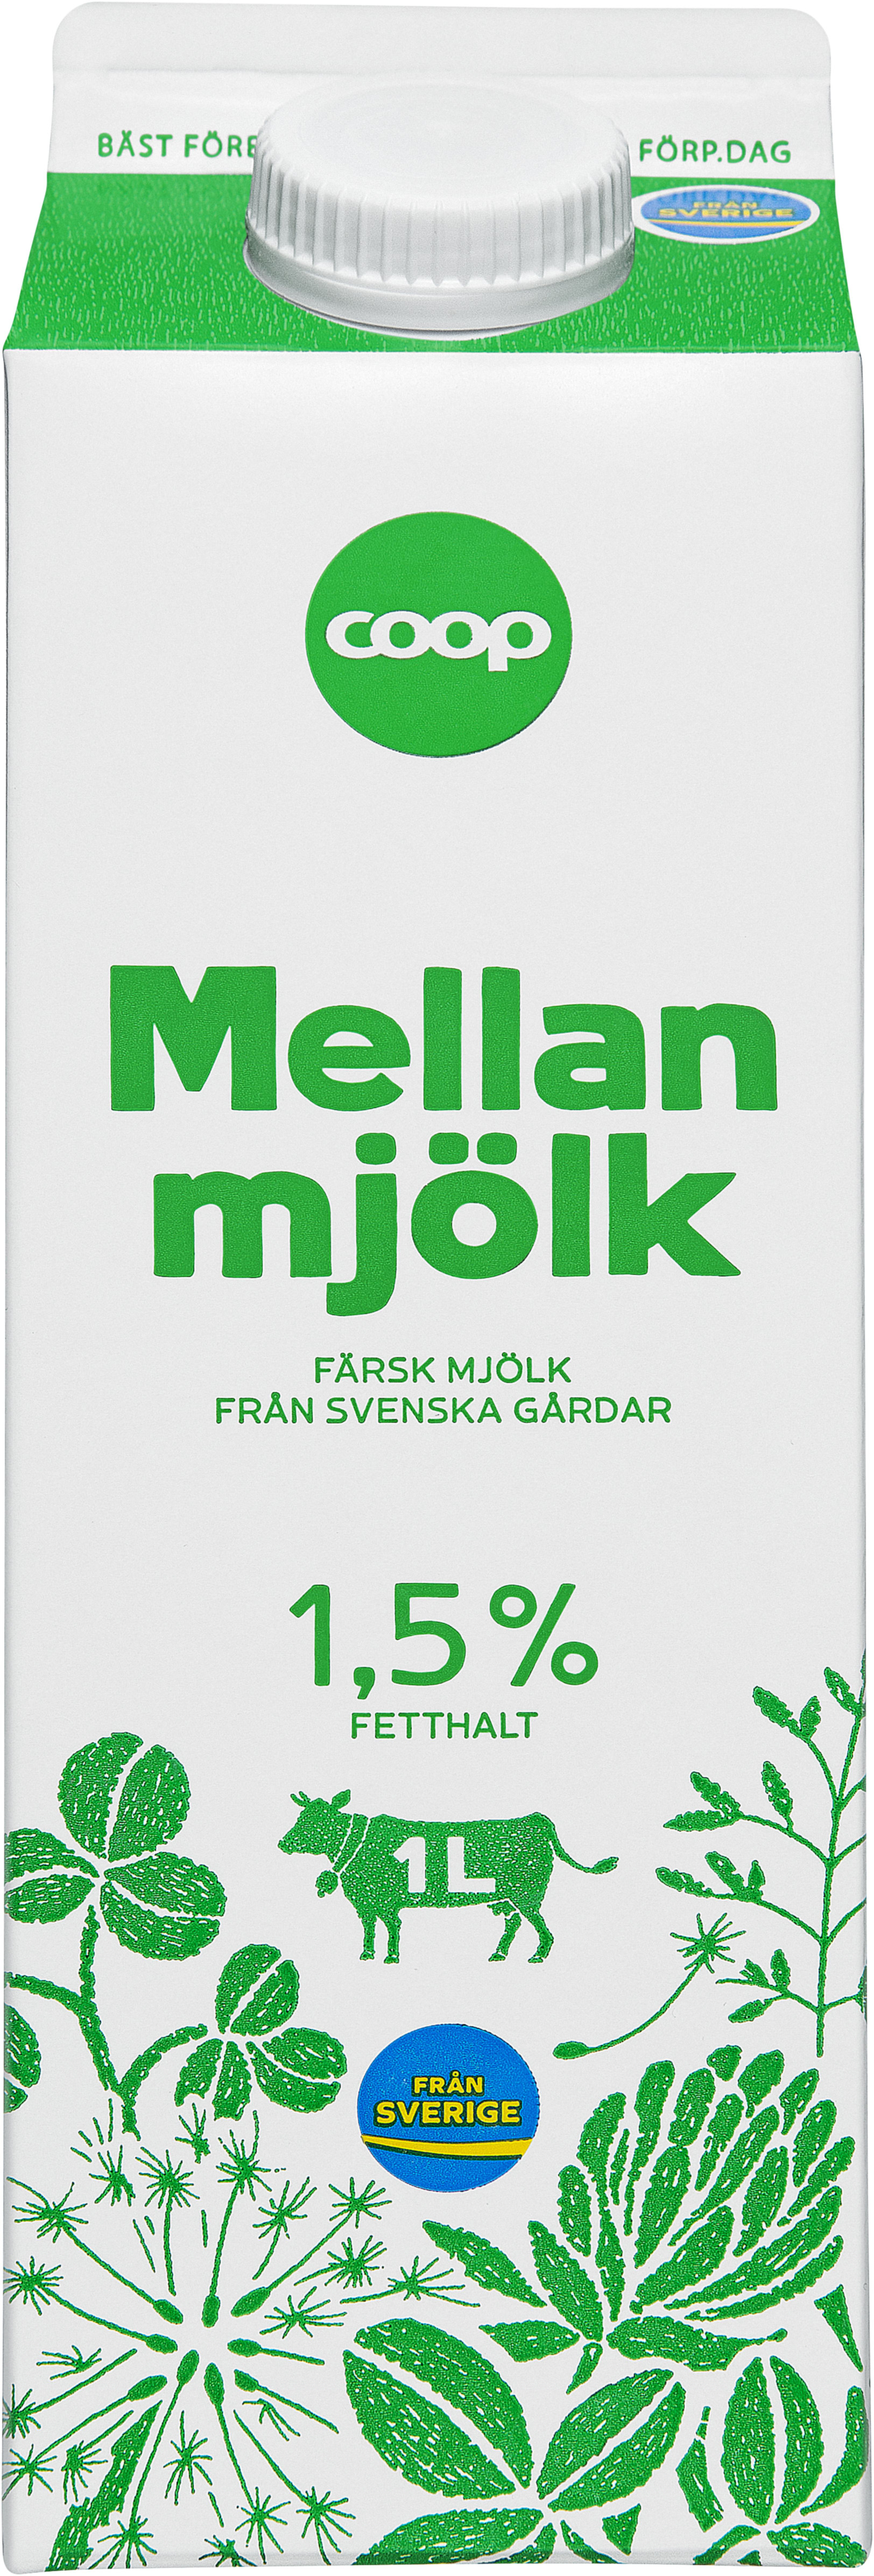 1 liter mjölk kostar 2016